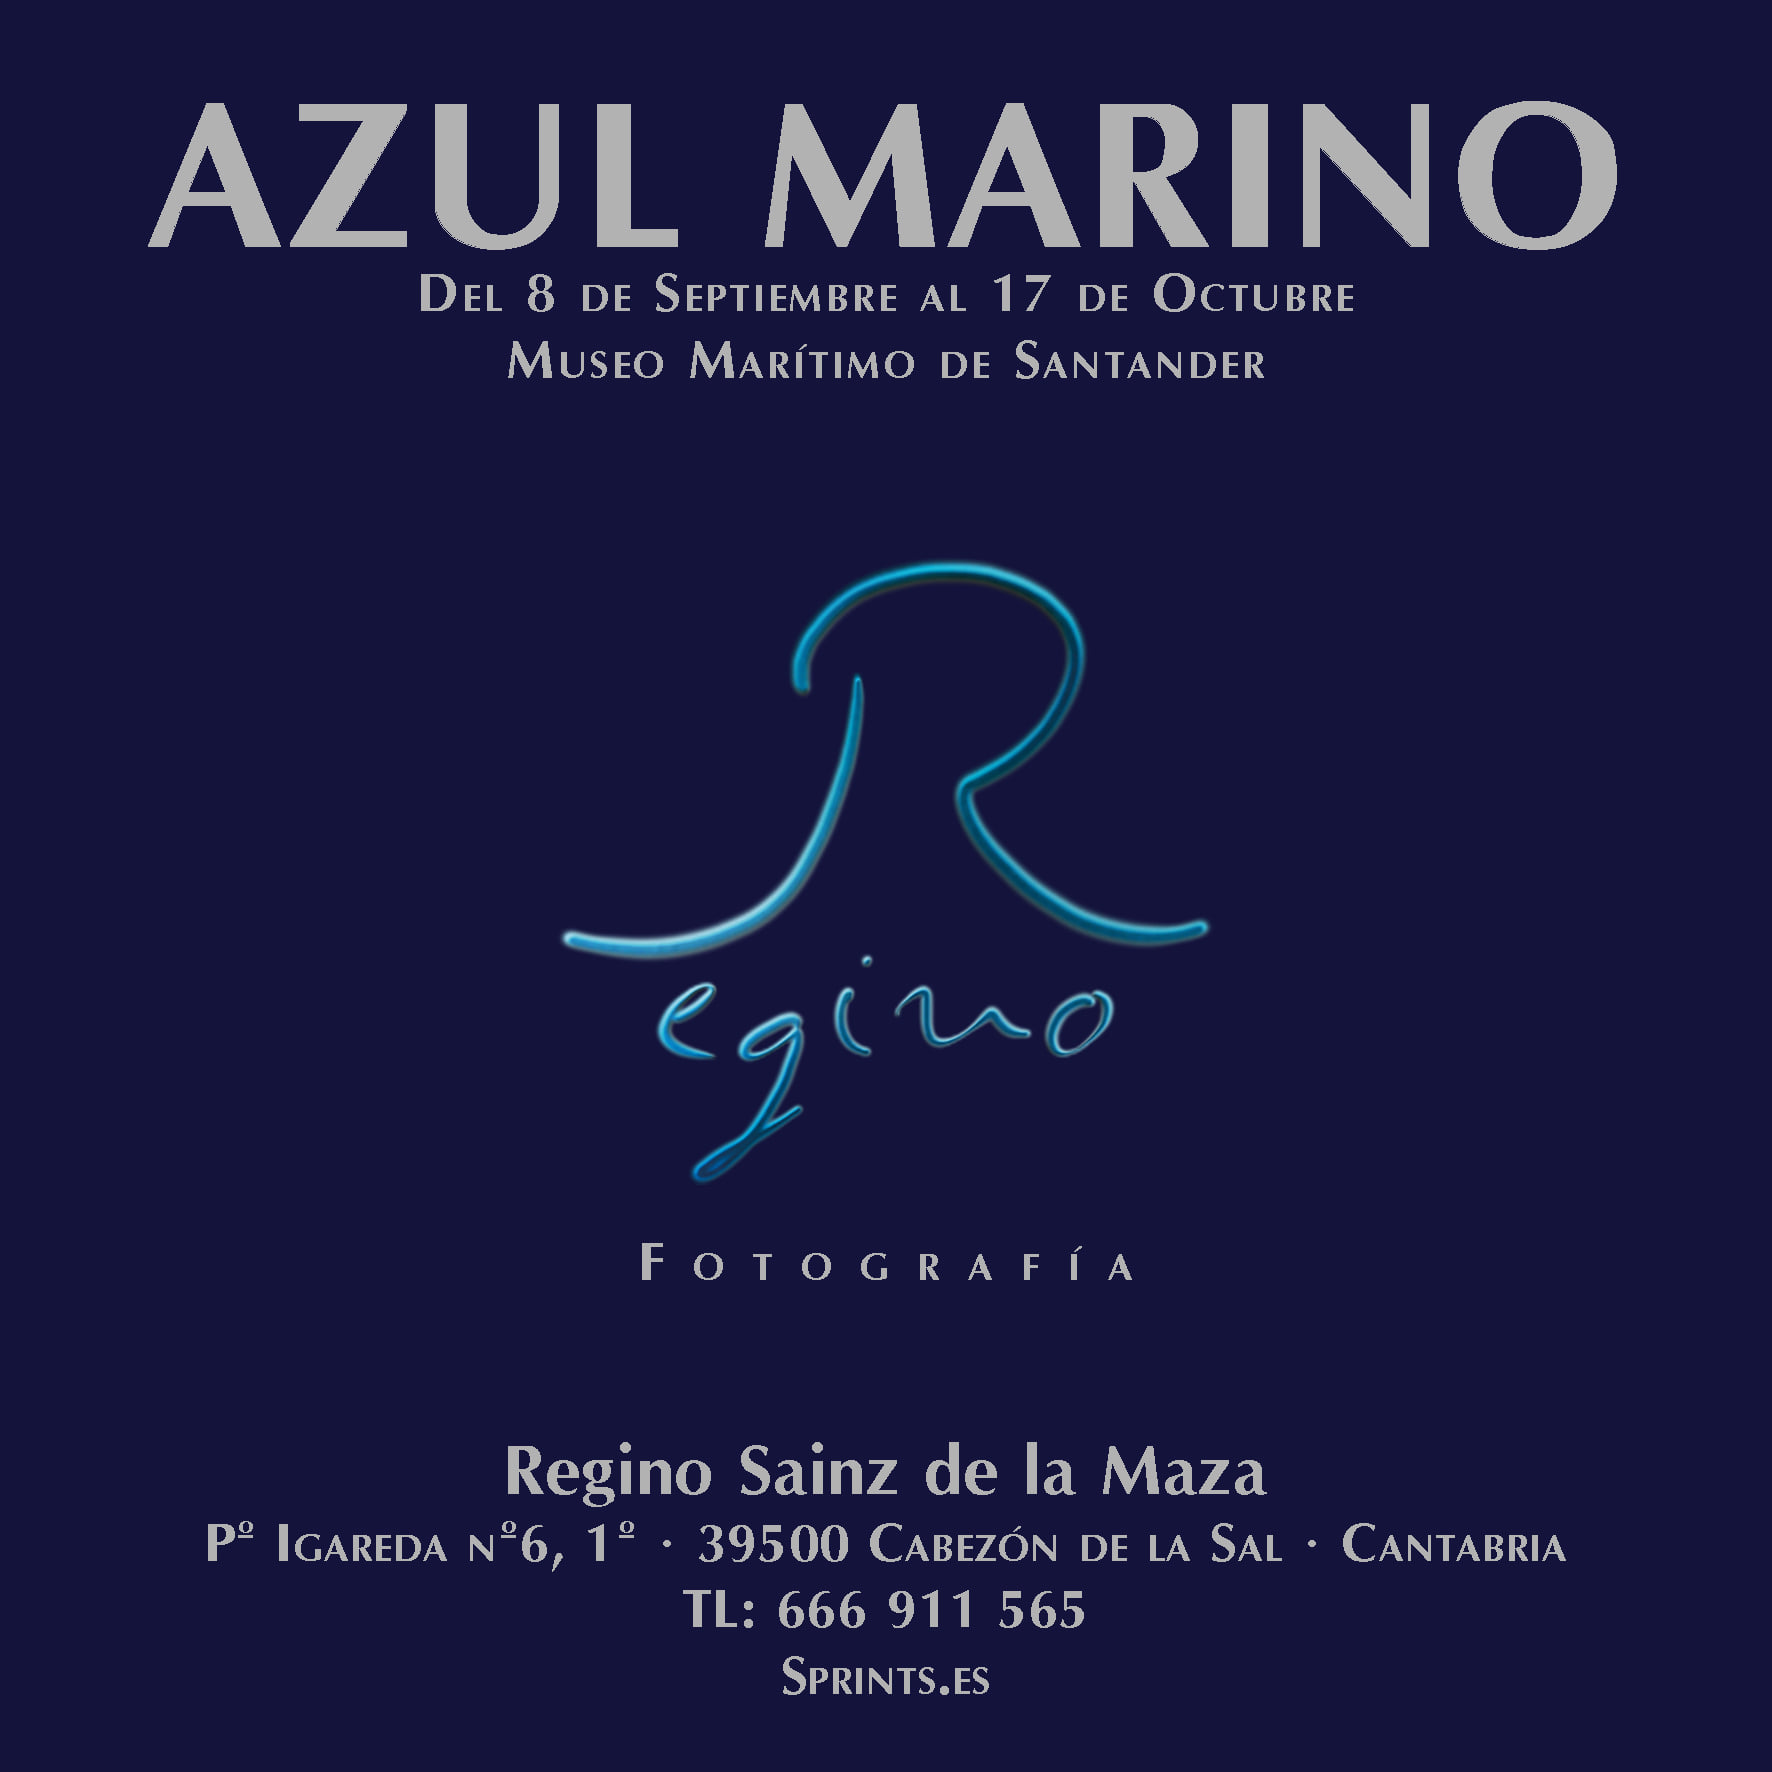 Azul Marino - Exposición Fotográfica